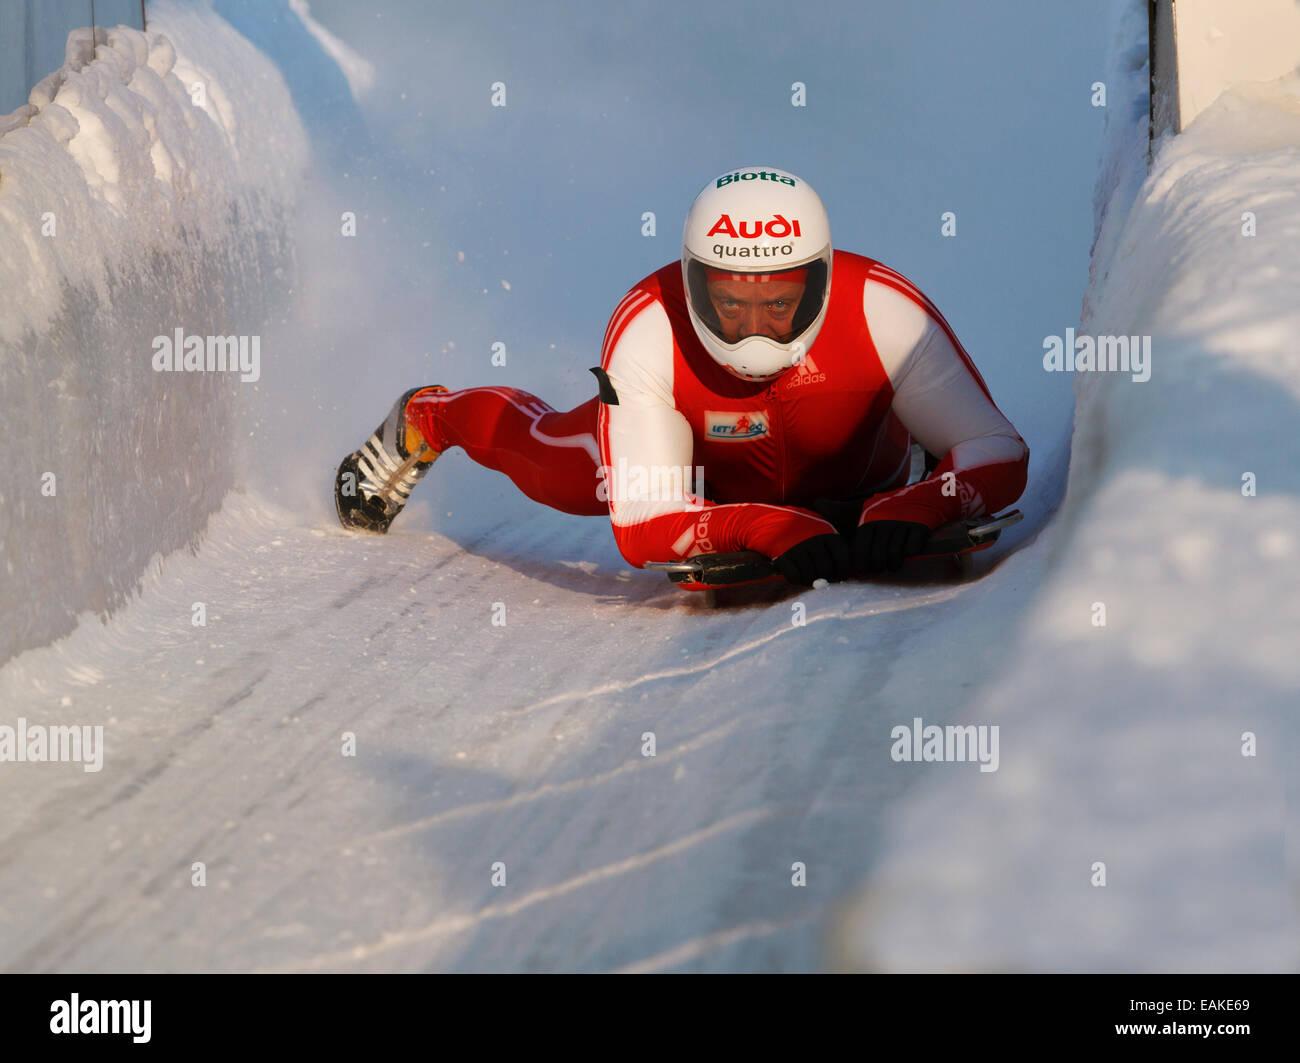 Olympic skeleton sled